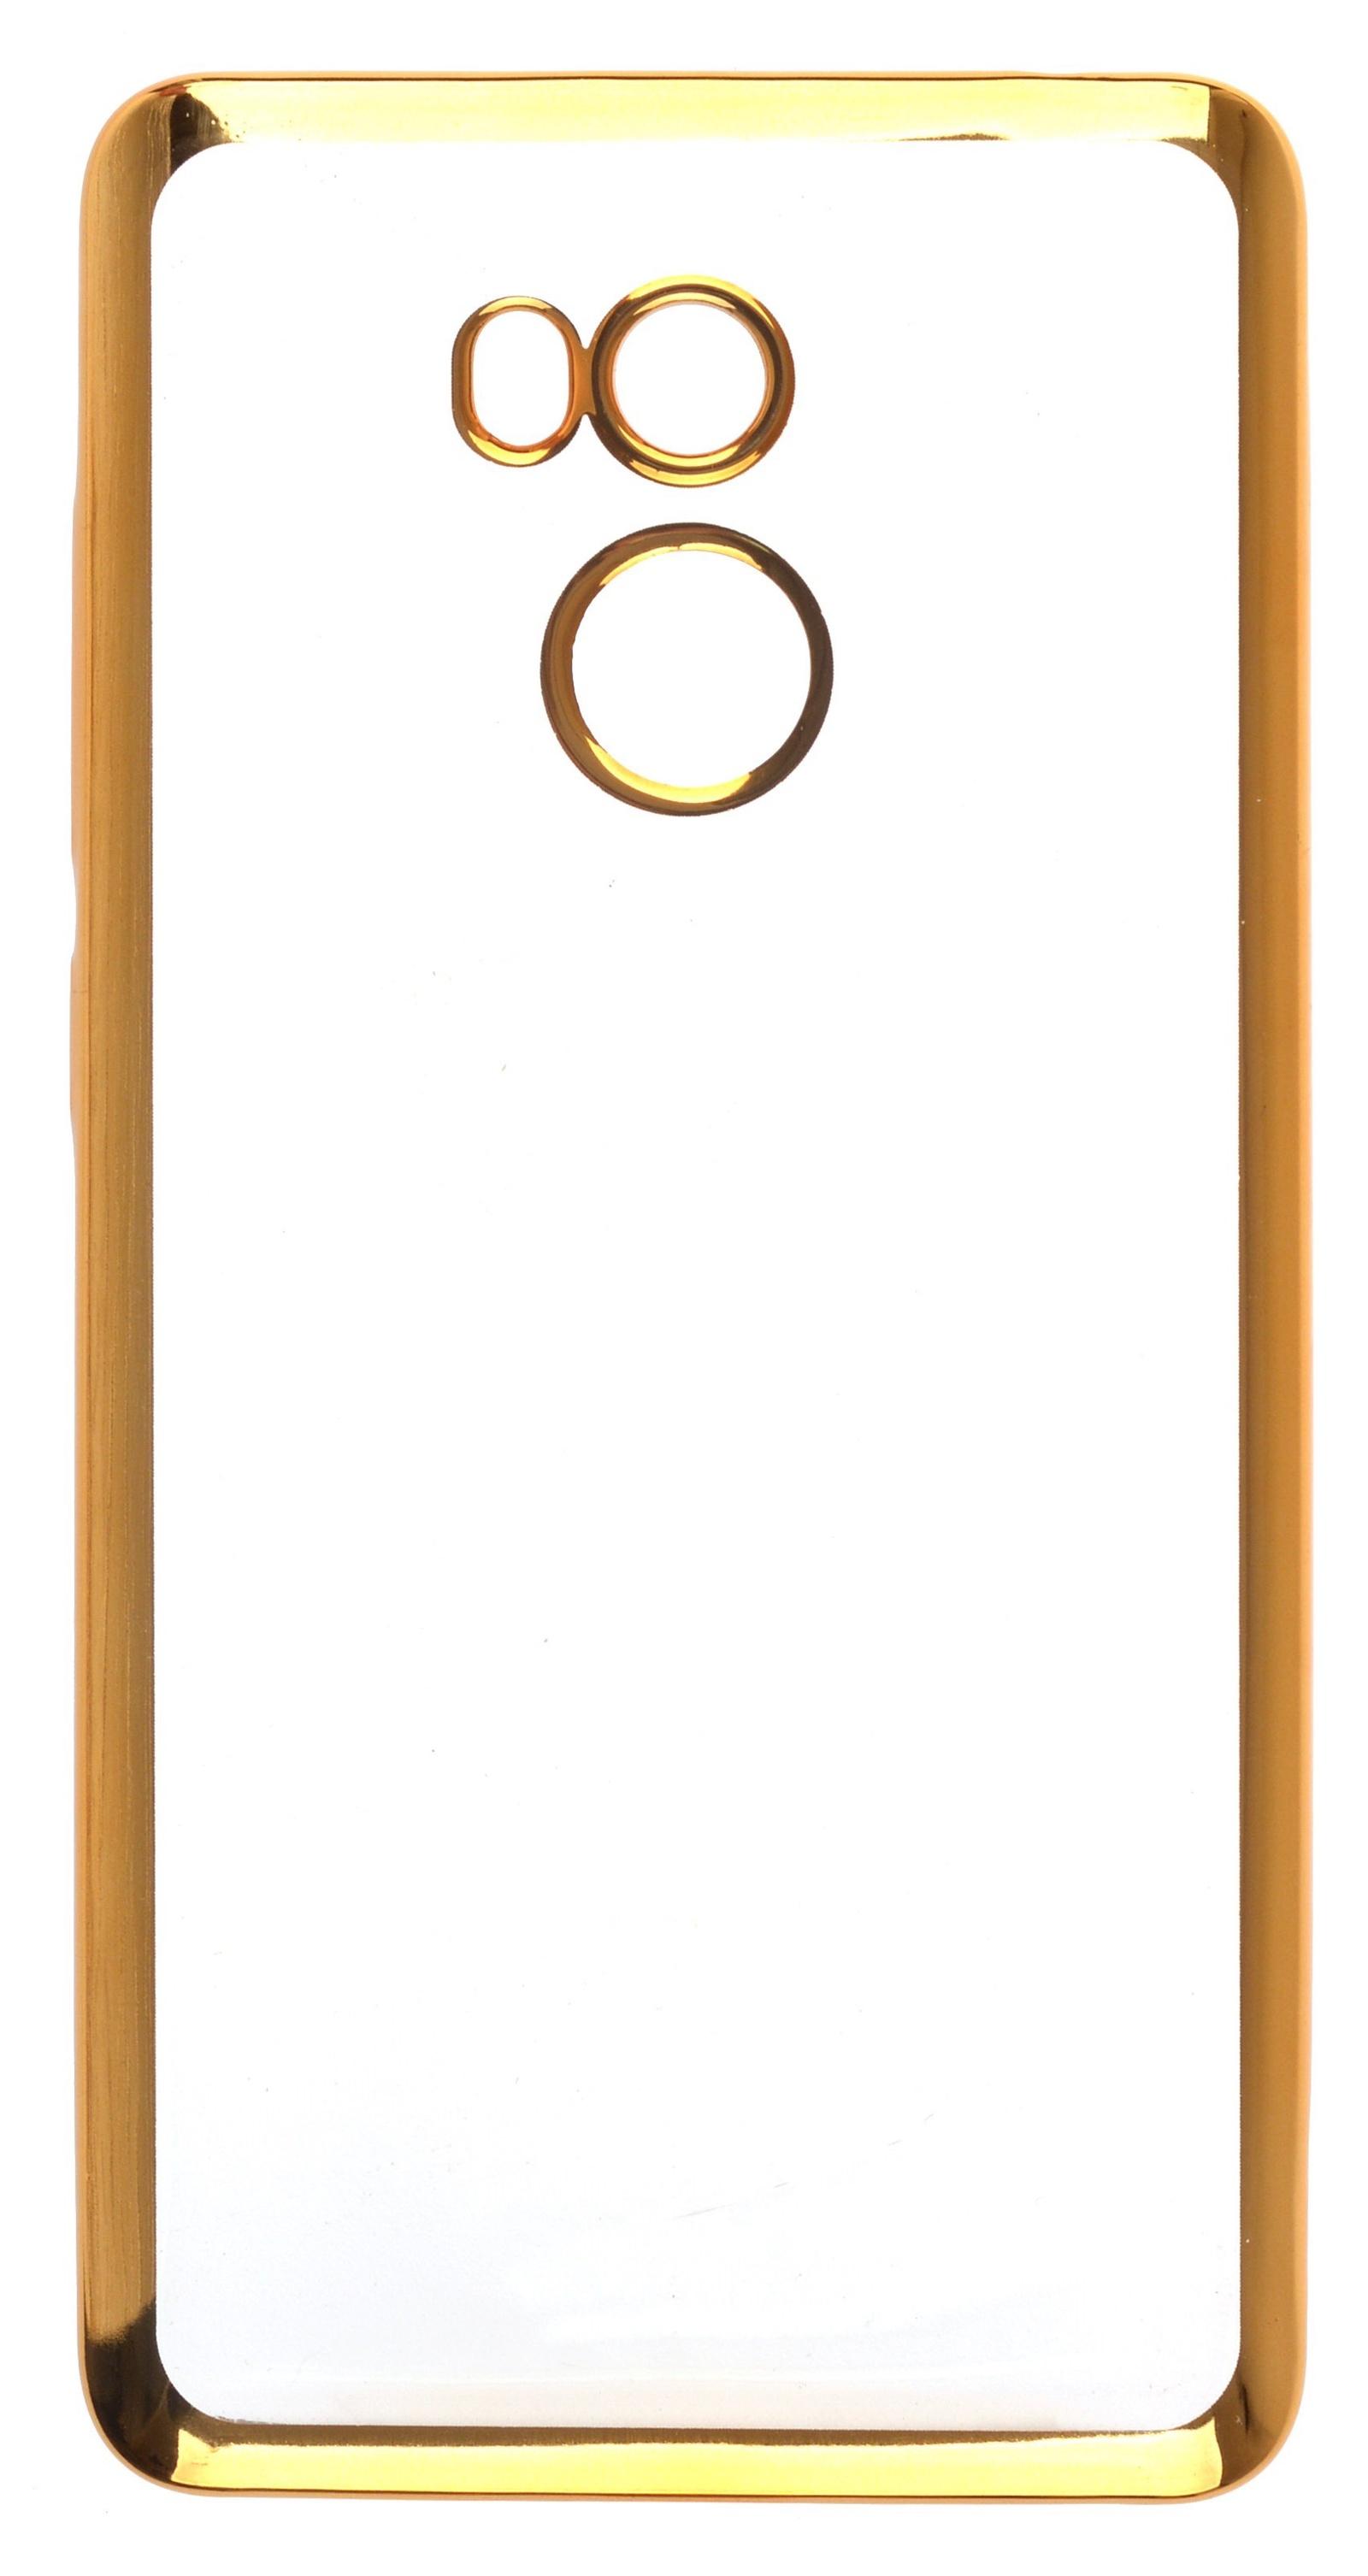 Чехол для сотового телефона skinBOX Silicone chrome border, 4630042529427, золотой цена и фото